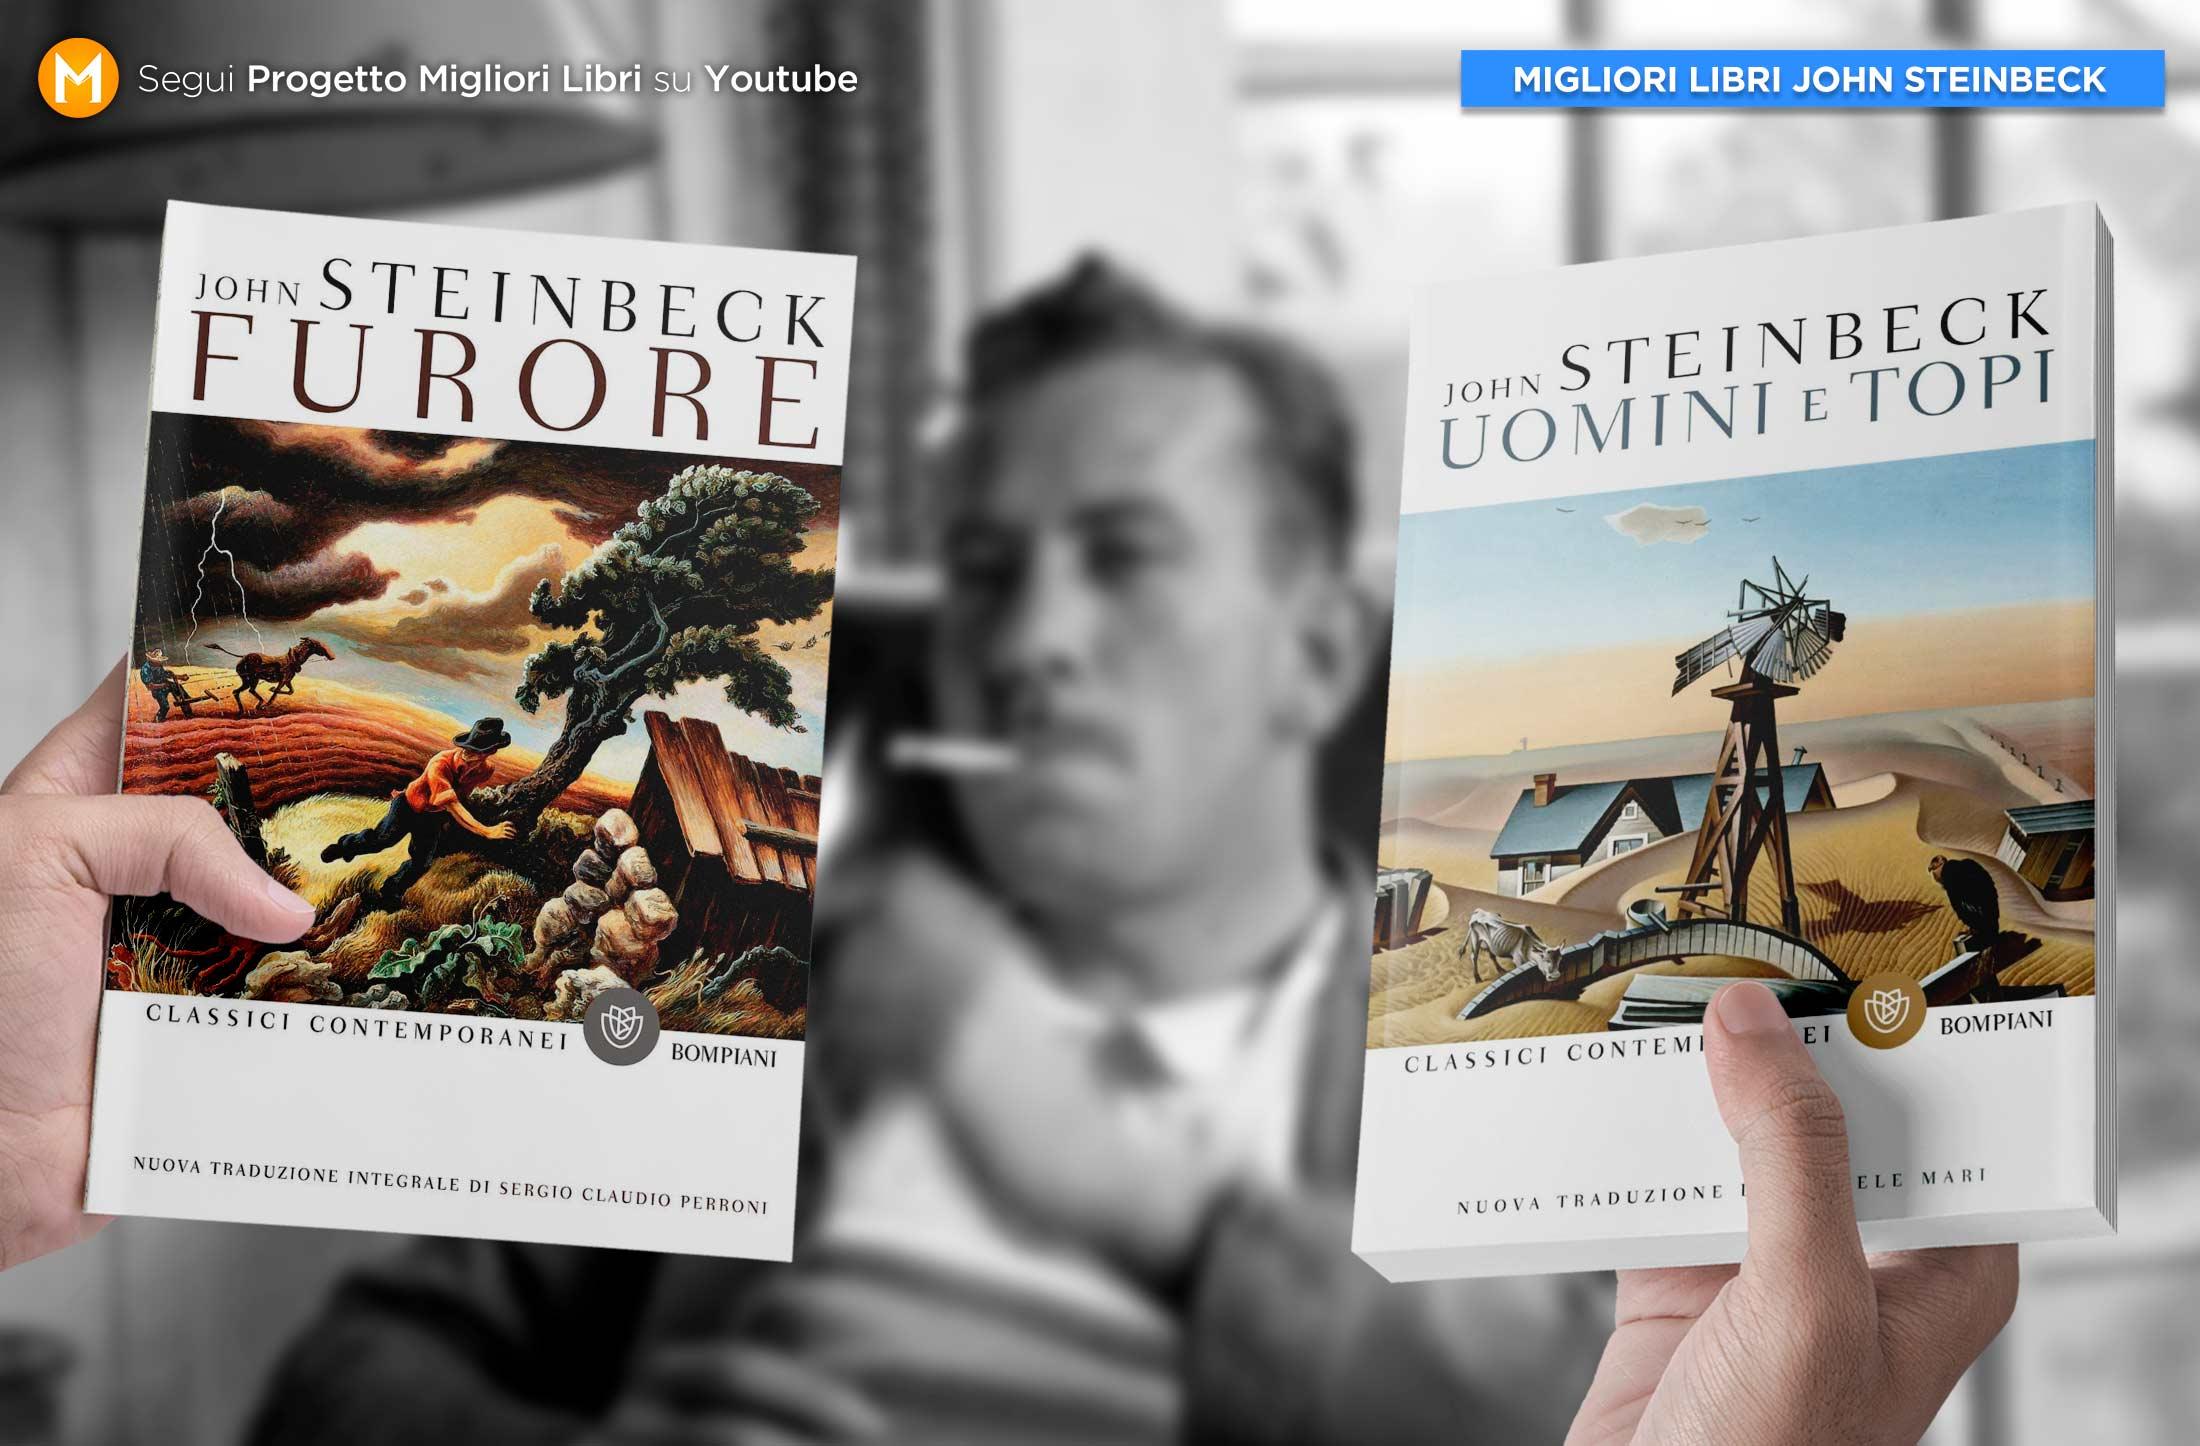 migliori-libri-john-steinbeck